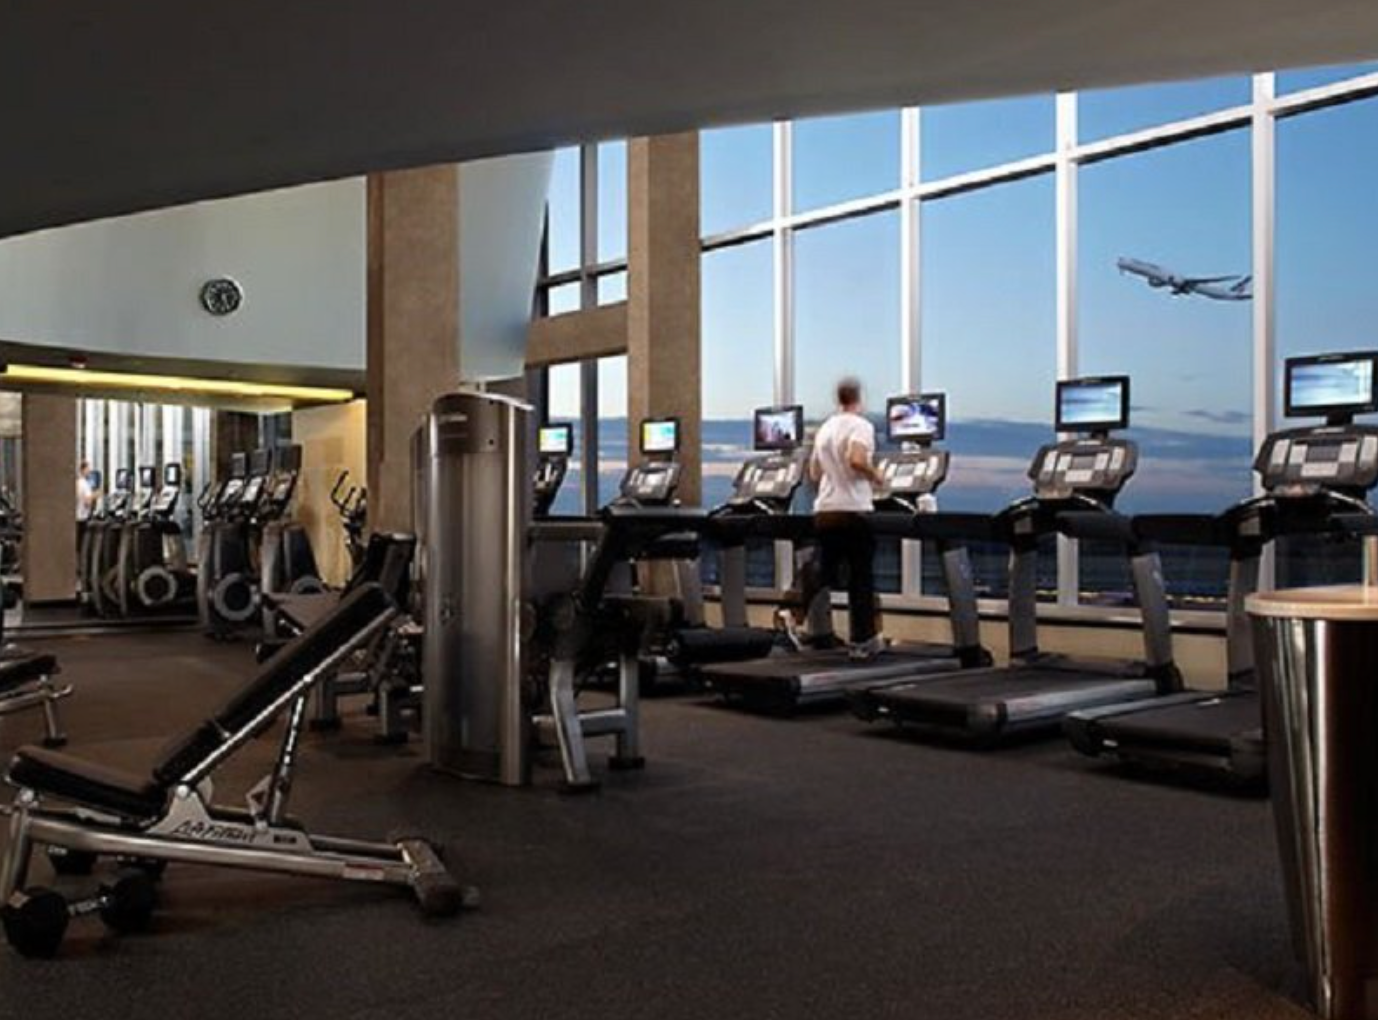 En 2020, el aeropuerto de Madrid tendrá su propio gimnasio